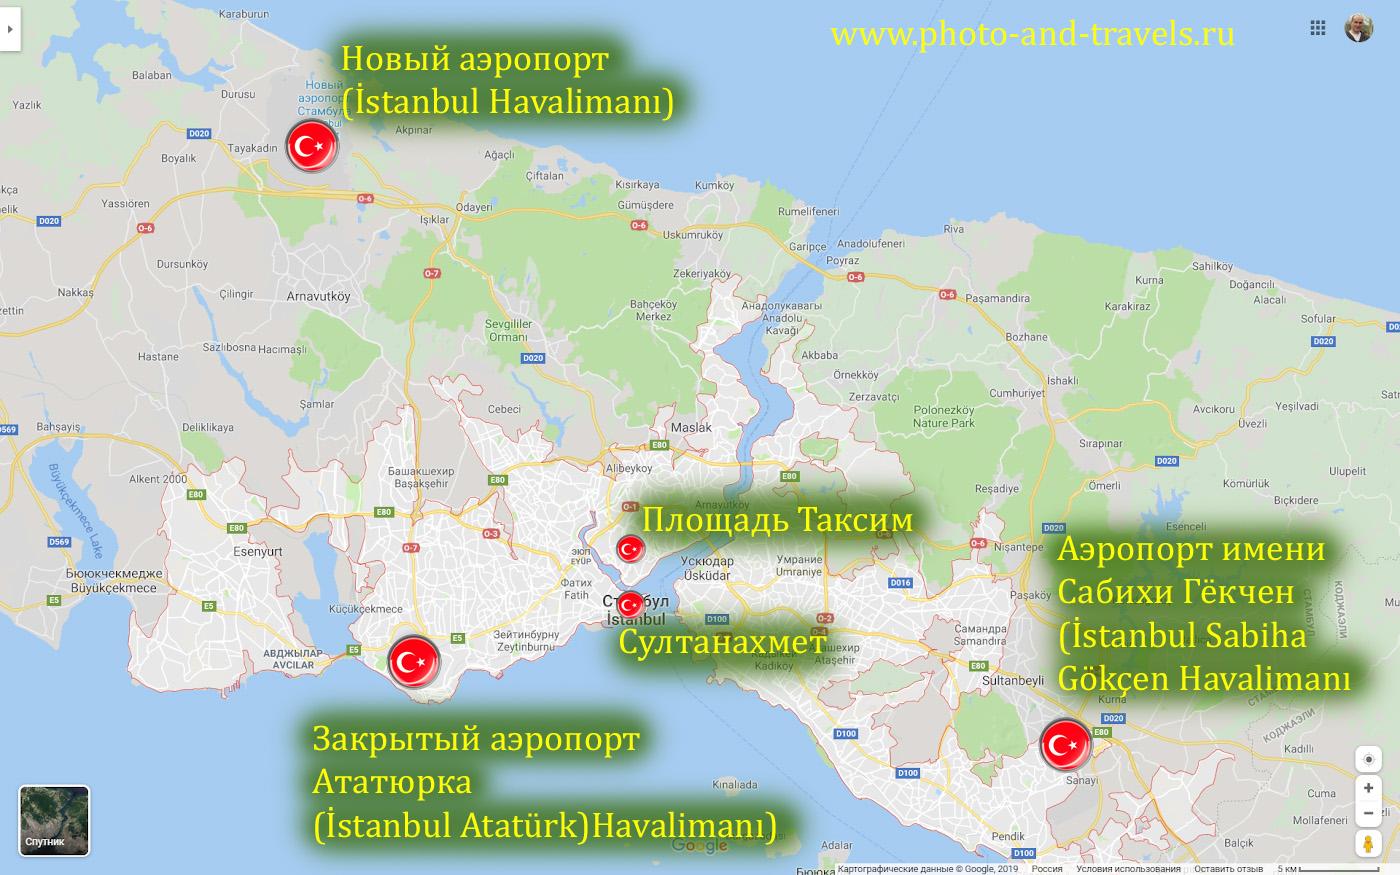 38. Карта со схемой расположения Нового аэропорта, Сабихи Гёкчен и Ататюрка в Стамбуле.